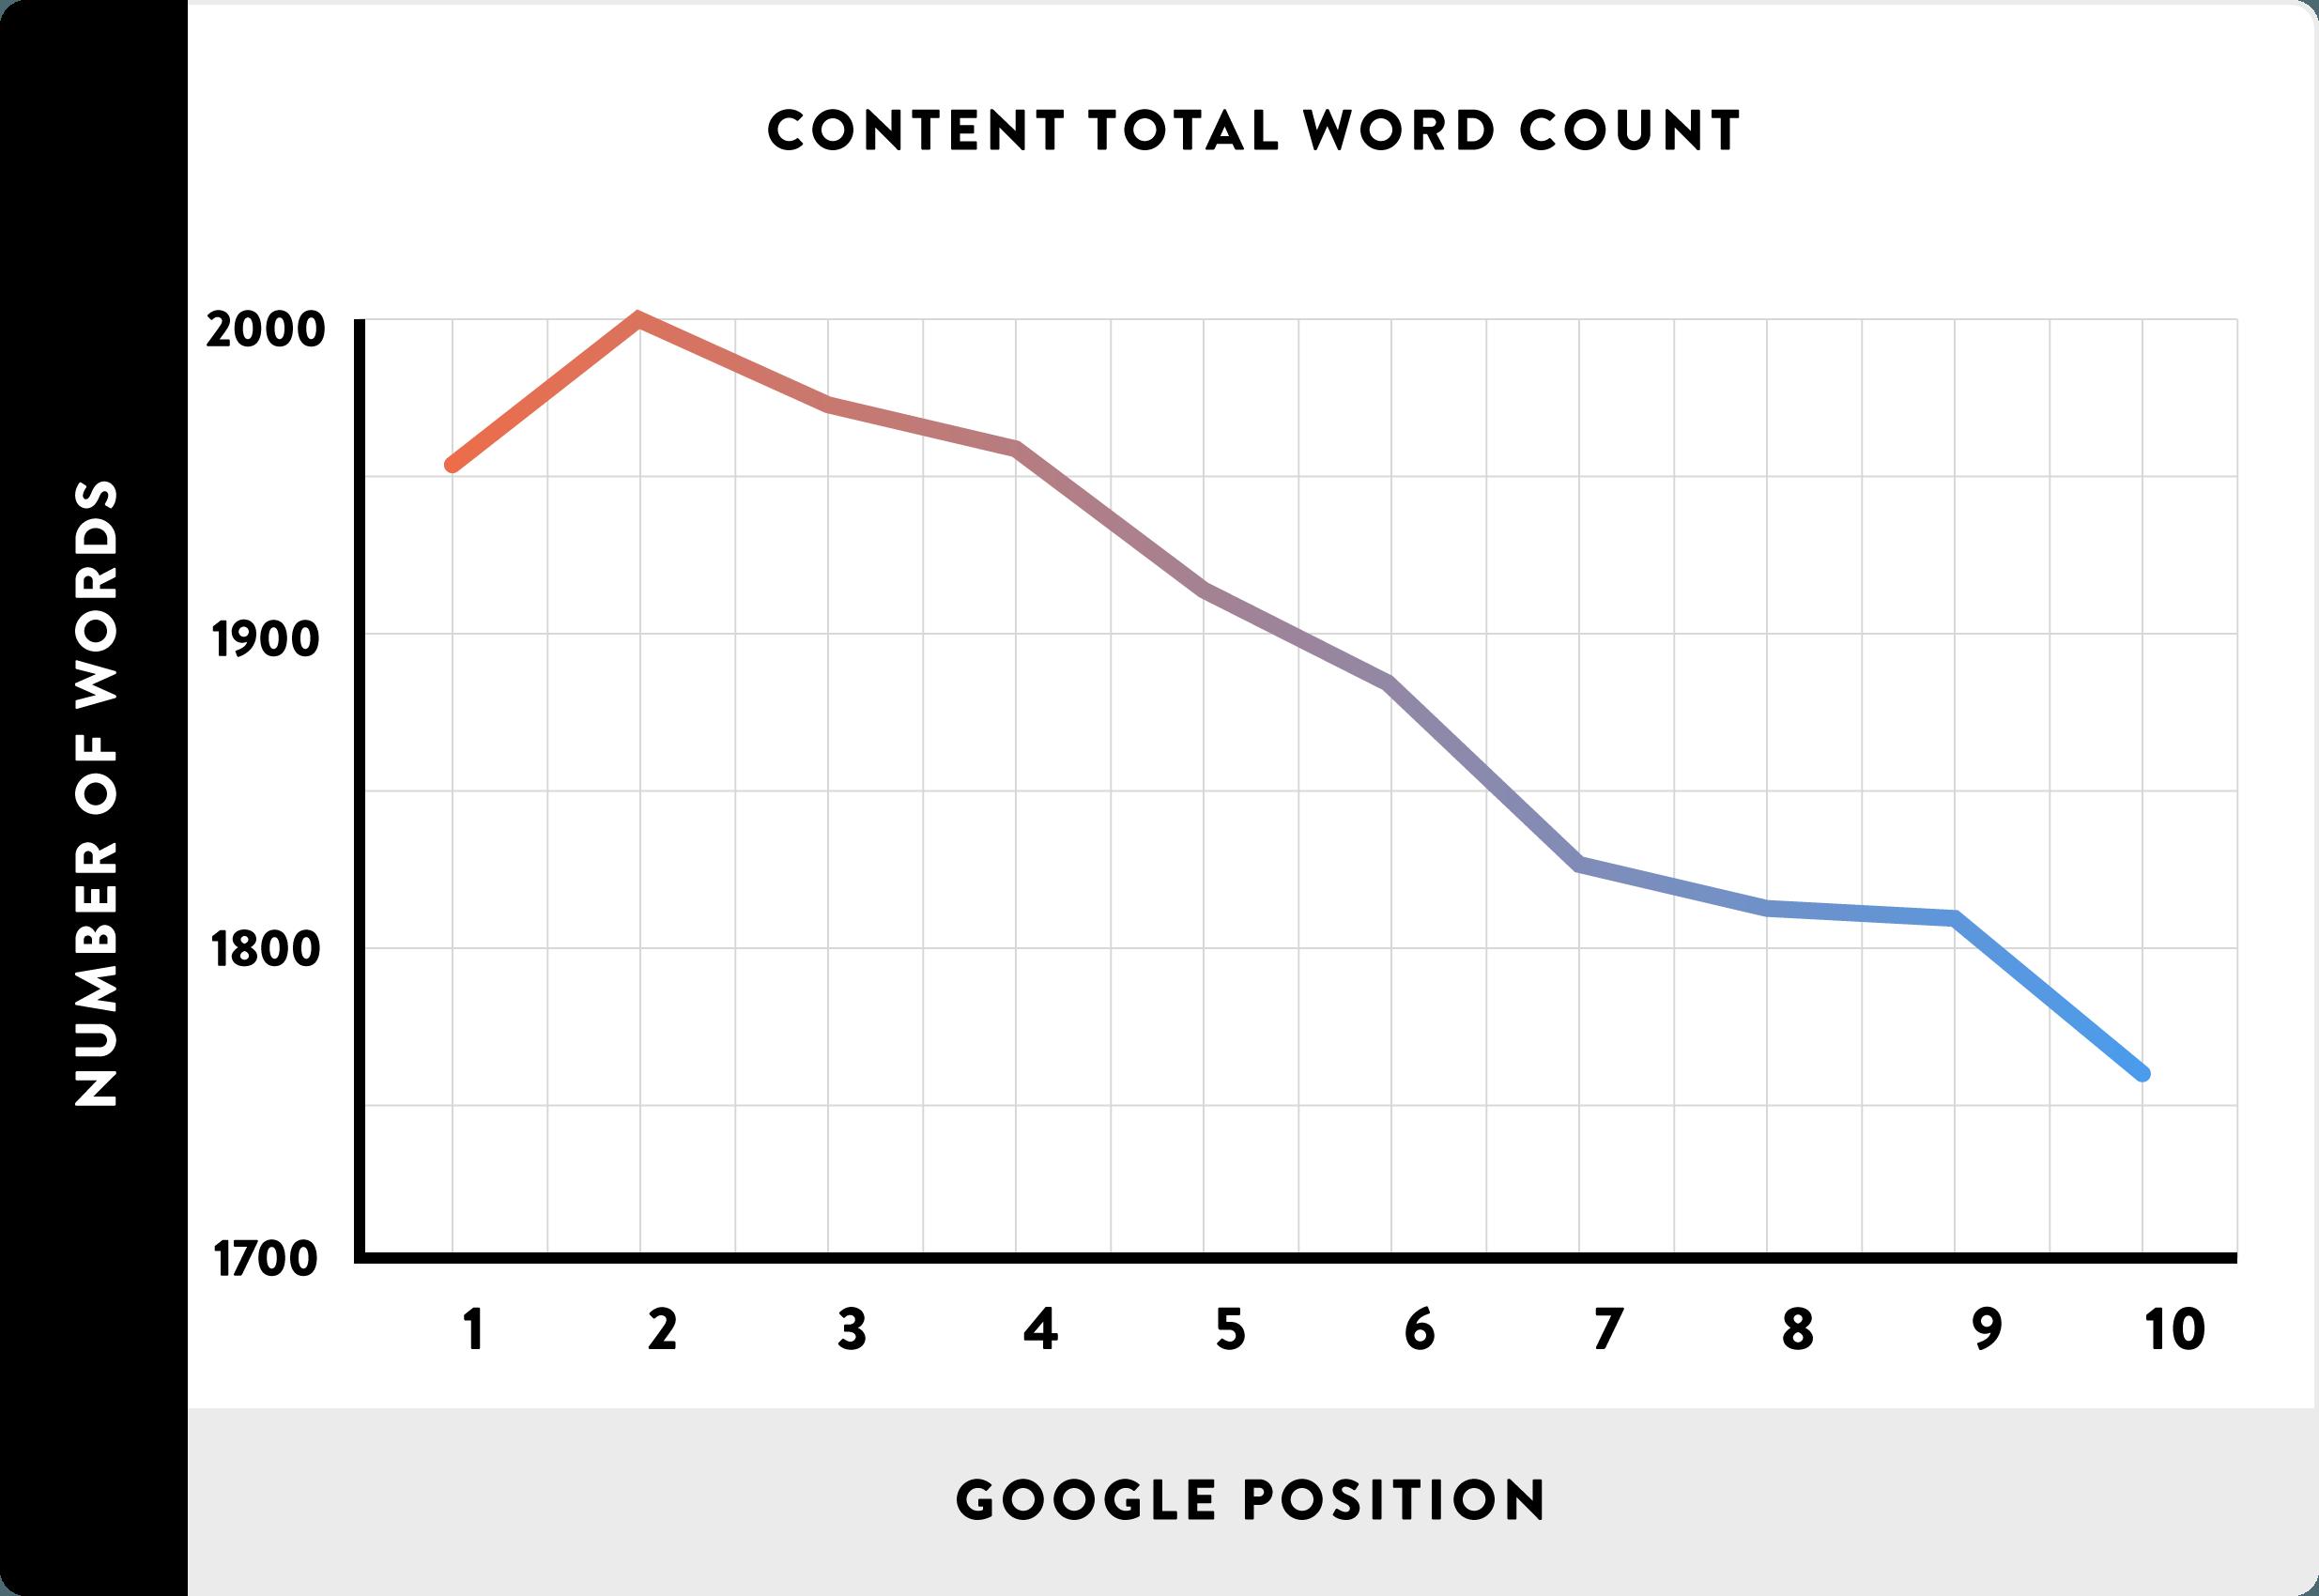 検索順位と文字数の関係